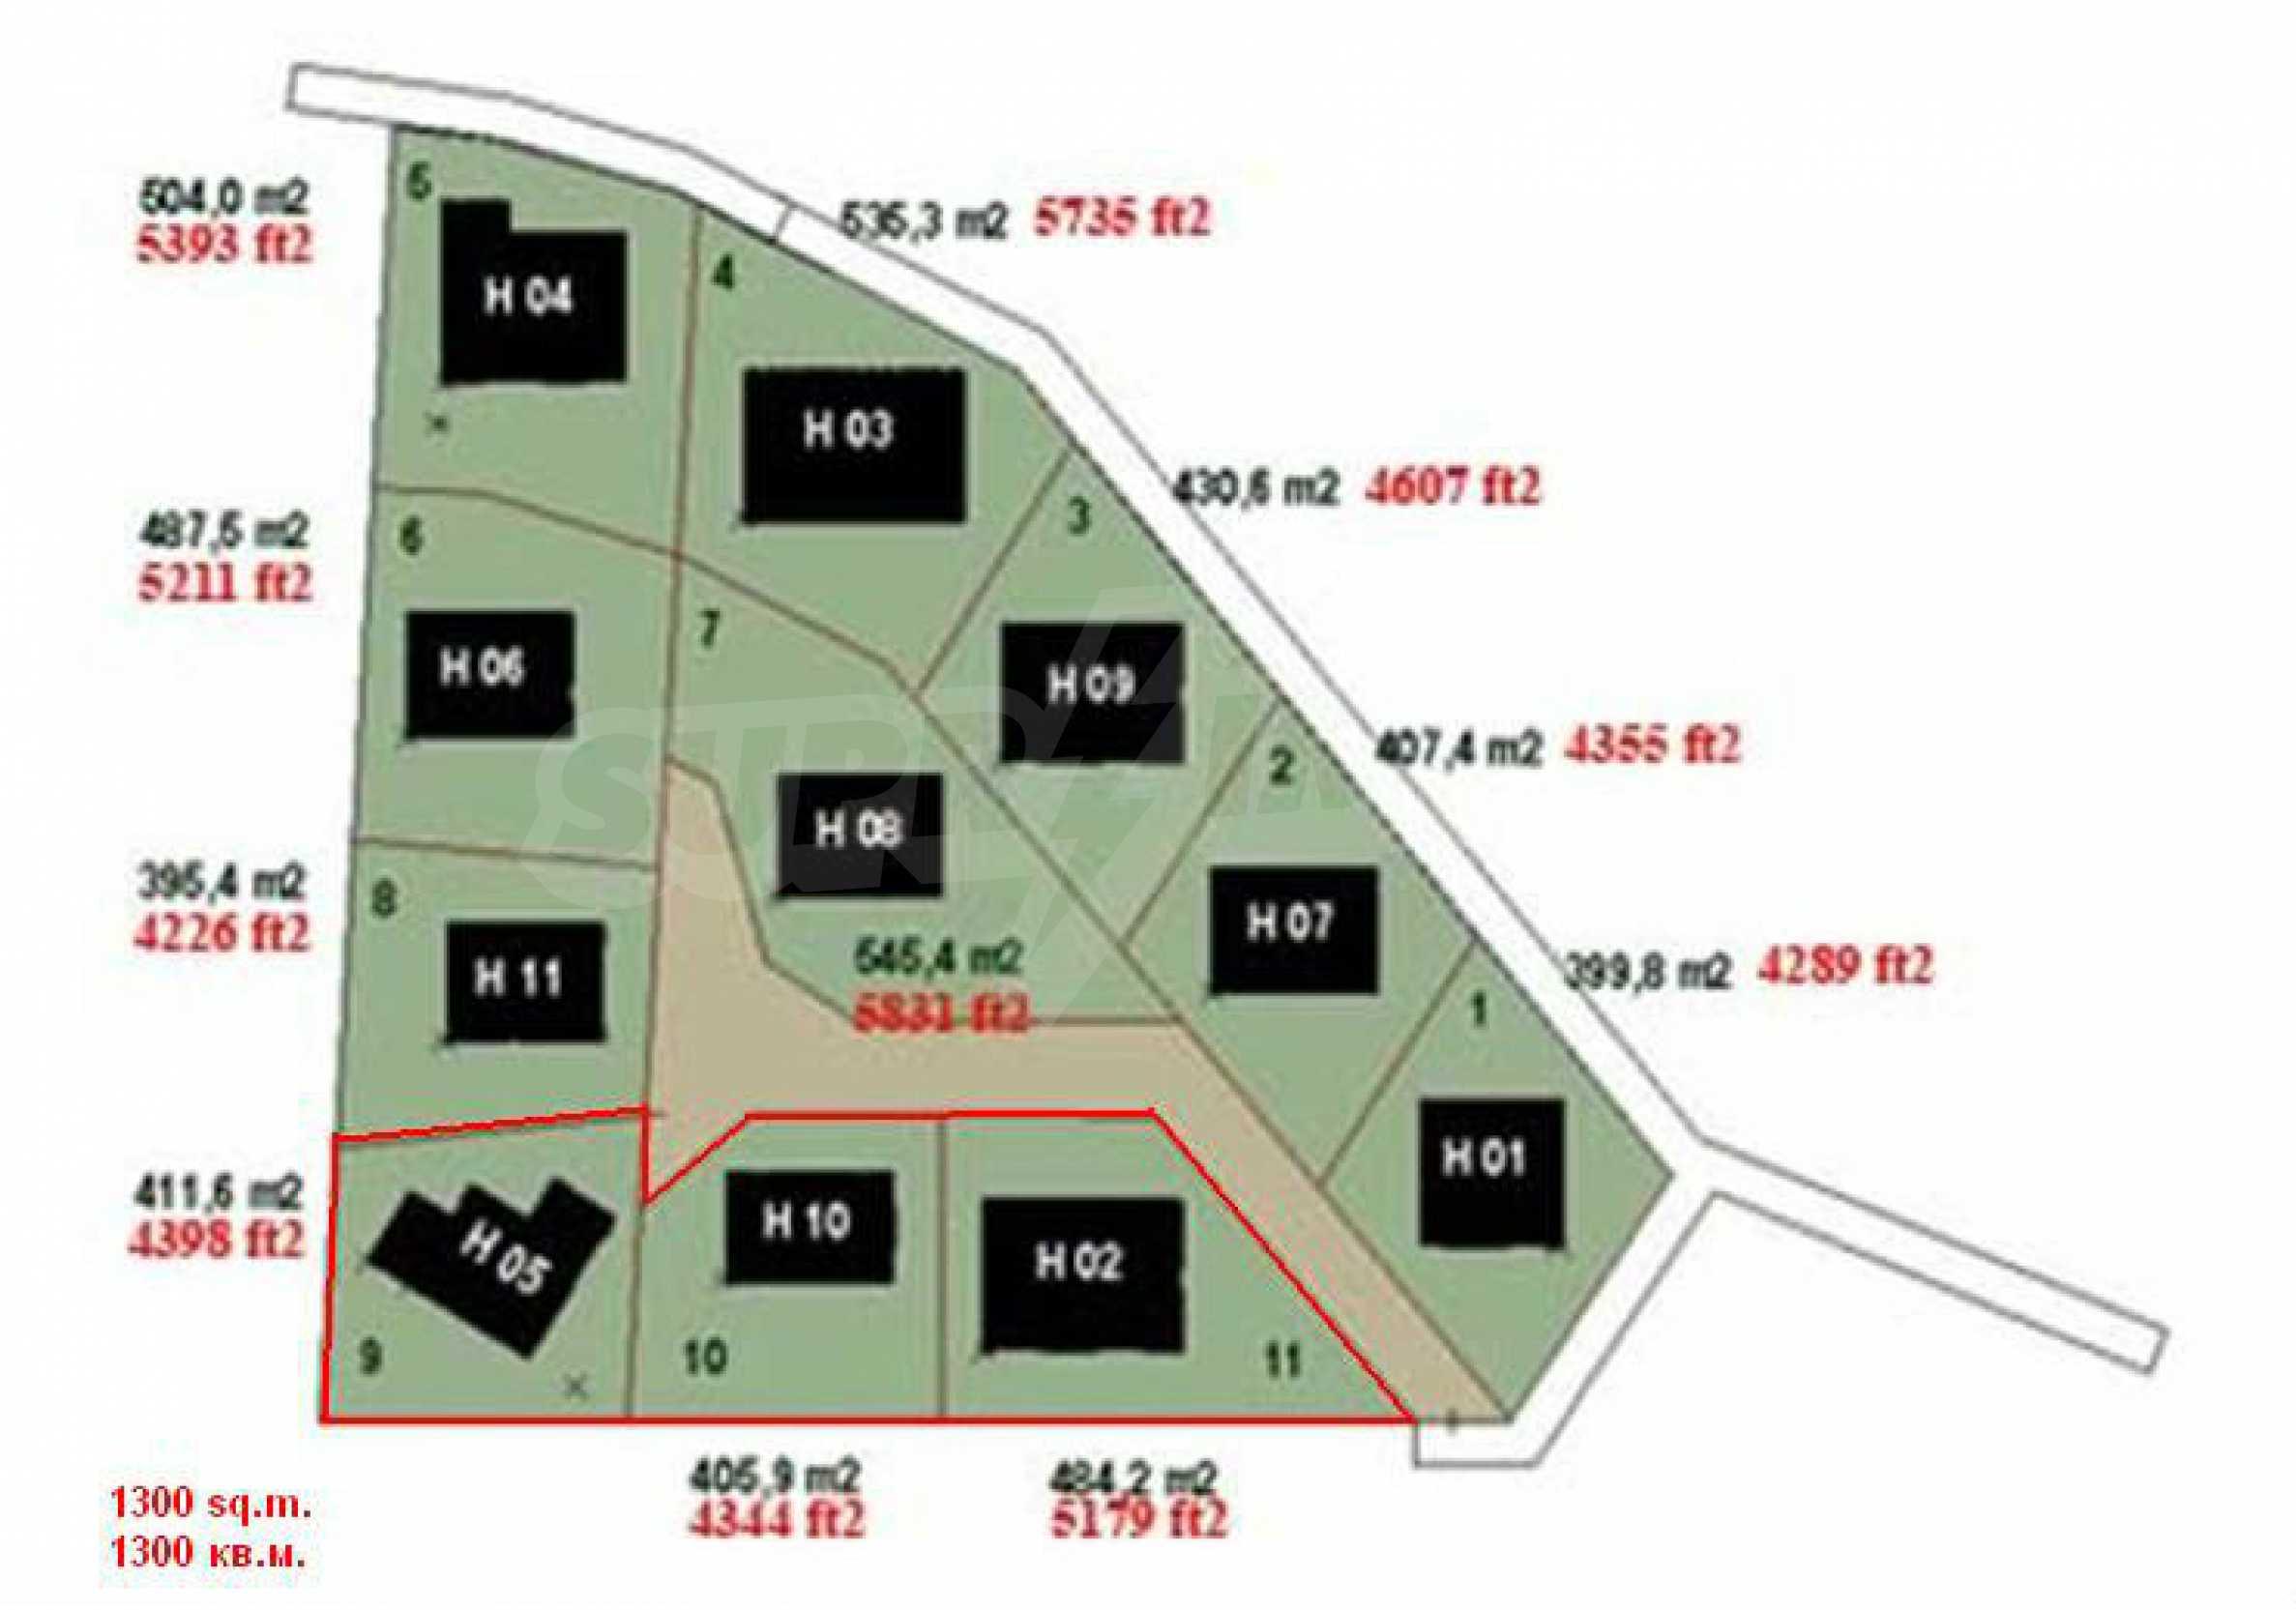 Земельный участок, предназначенный для постройки дома, в маленькой деревне в 5 км. от Дряново 2